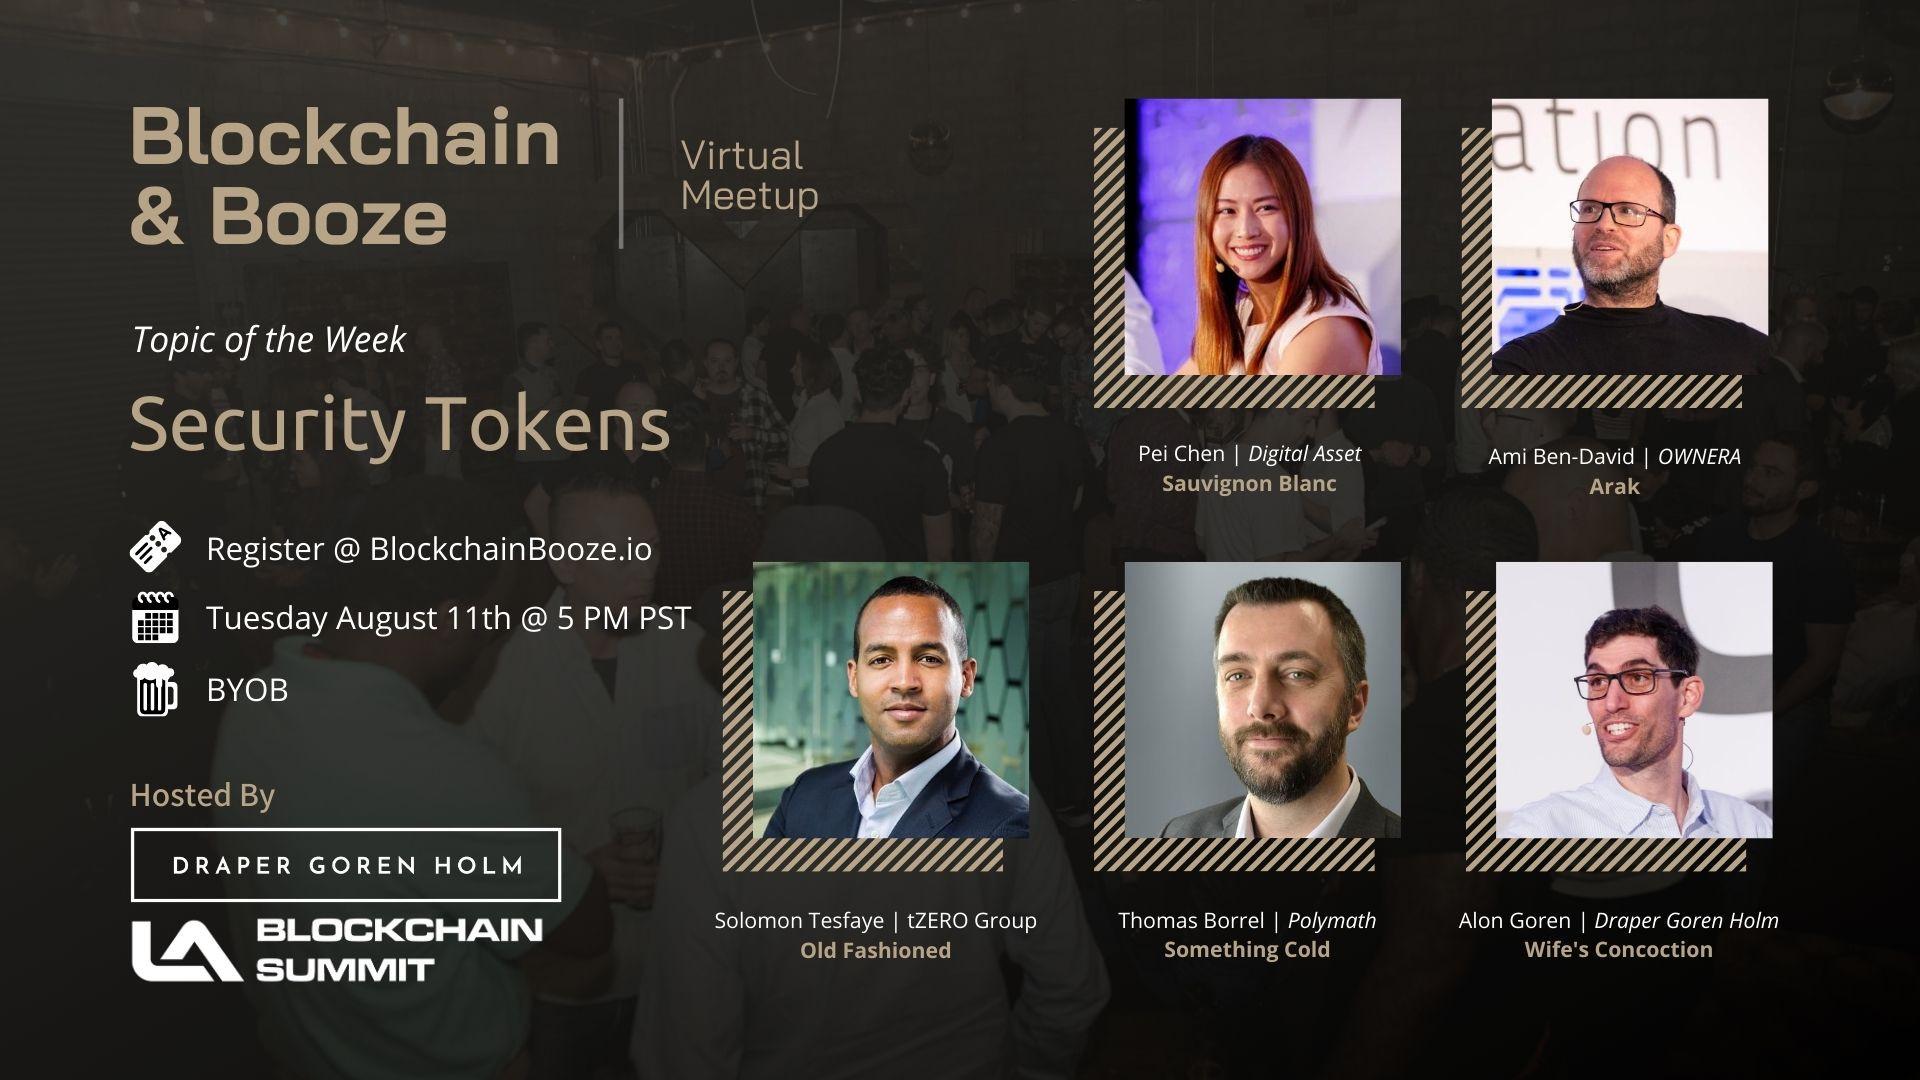 Imagem de L.A. Blockchain Summit Imagem 3